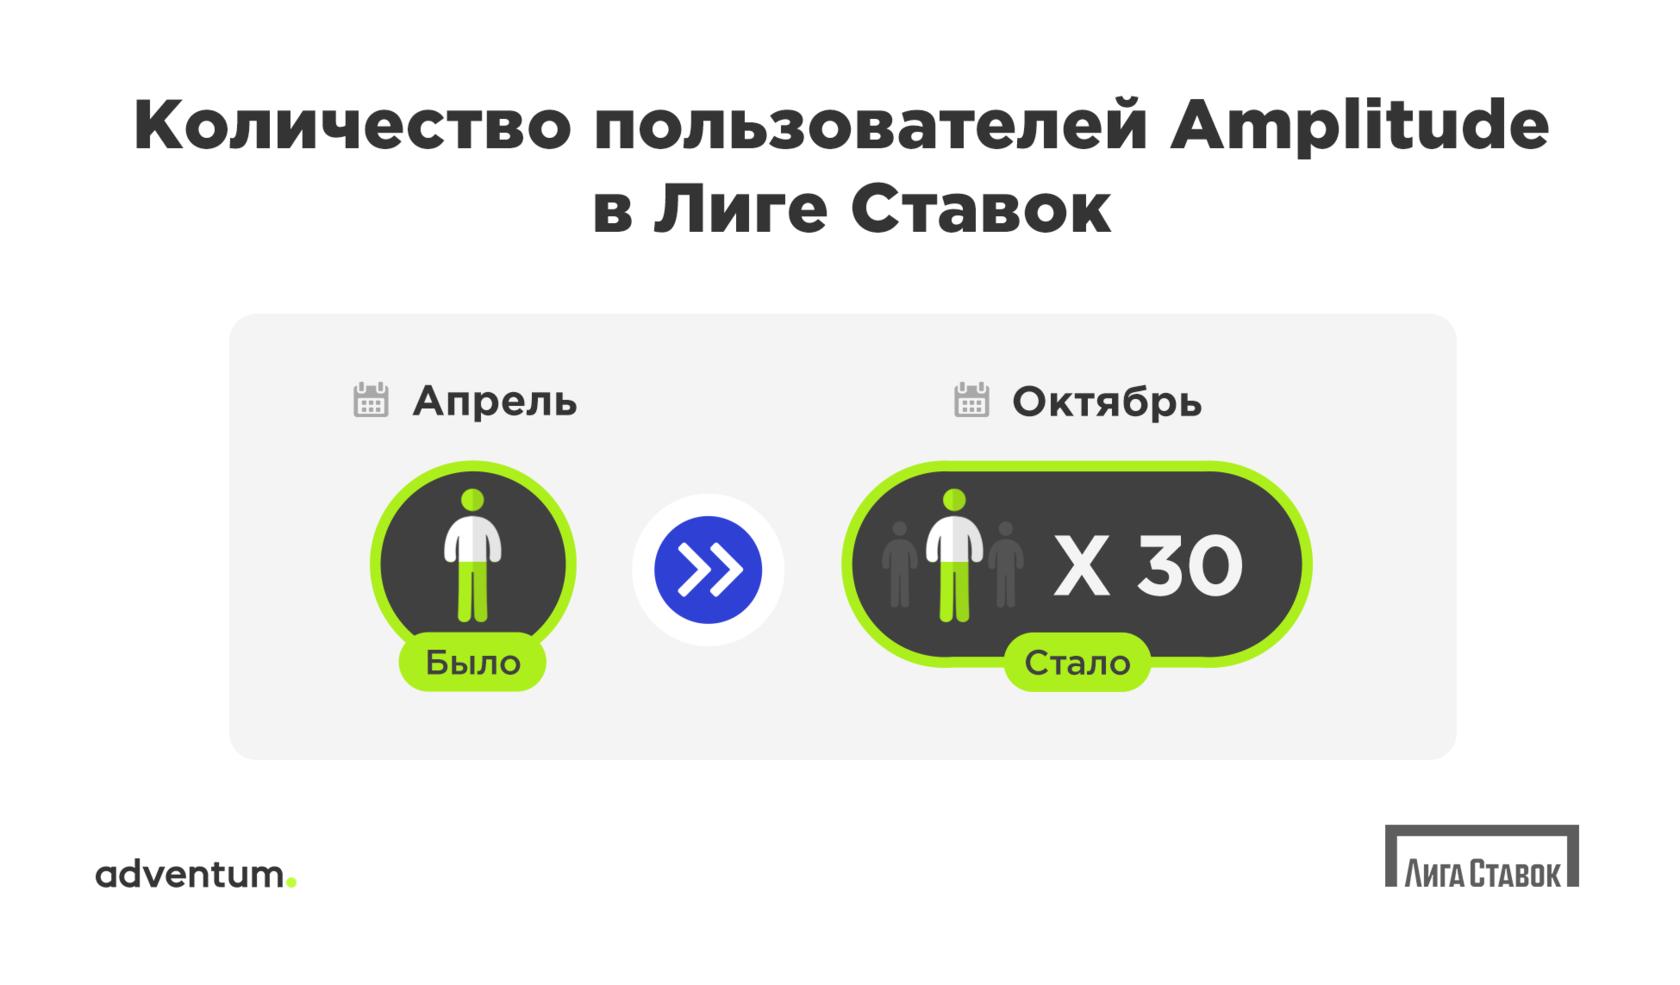 Изменение количества пользователей Amplitude в Лиге Ставок за полгода